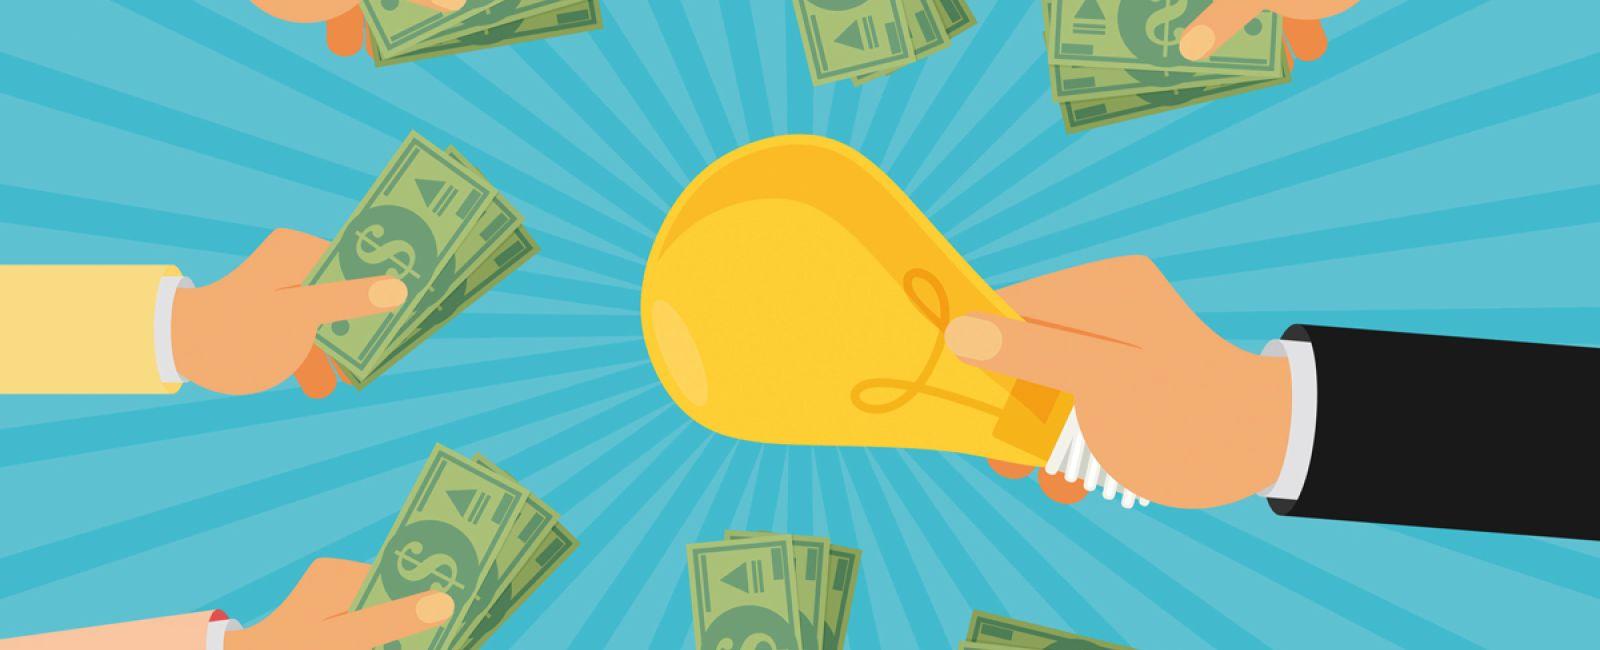 Algebris Investments lancia un fondo sui bond di qualità ...